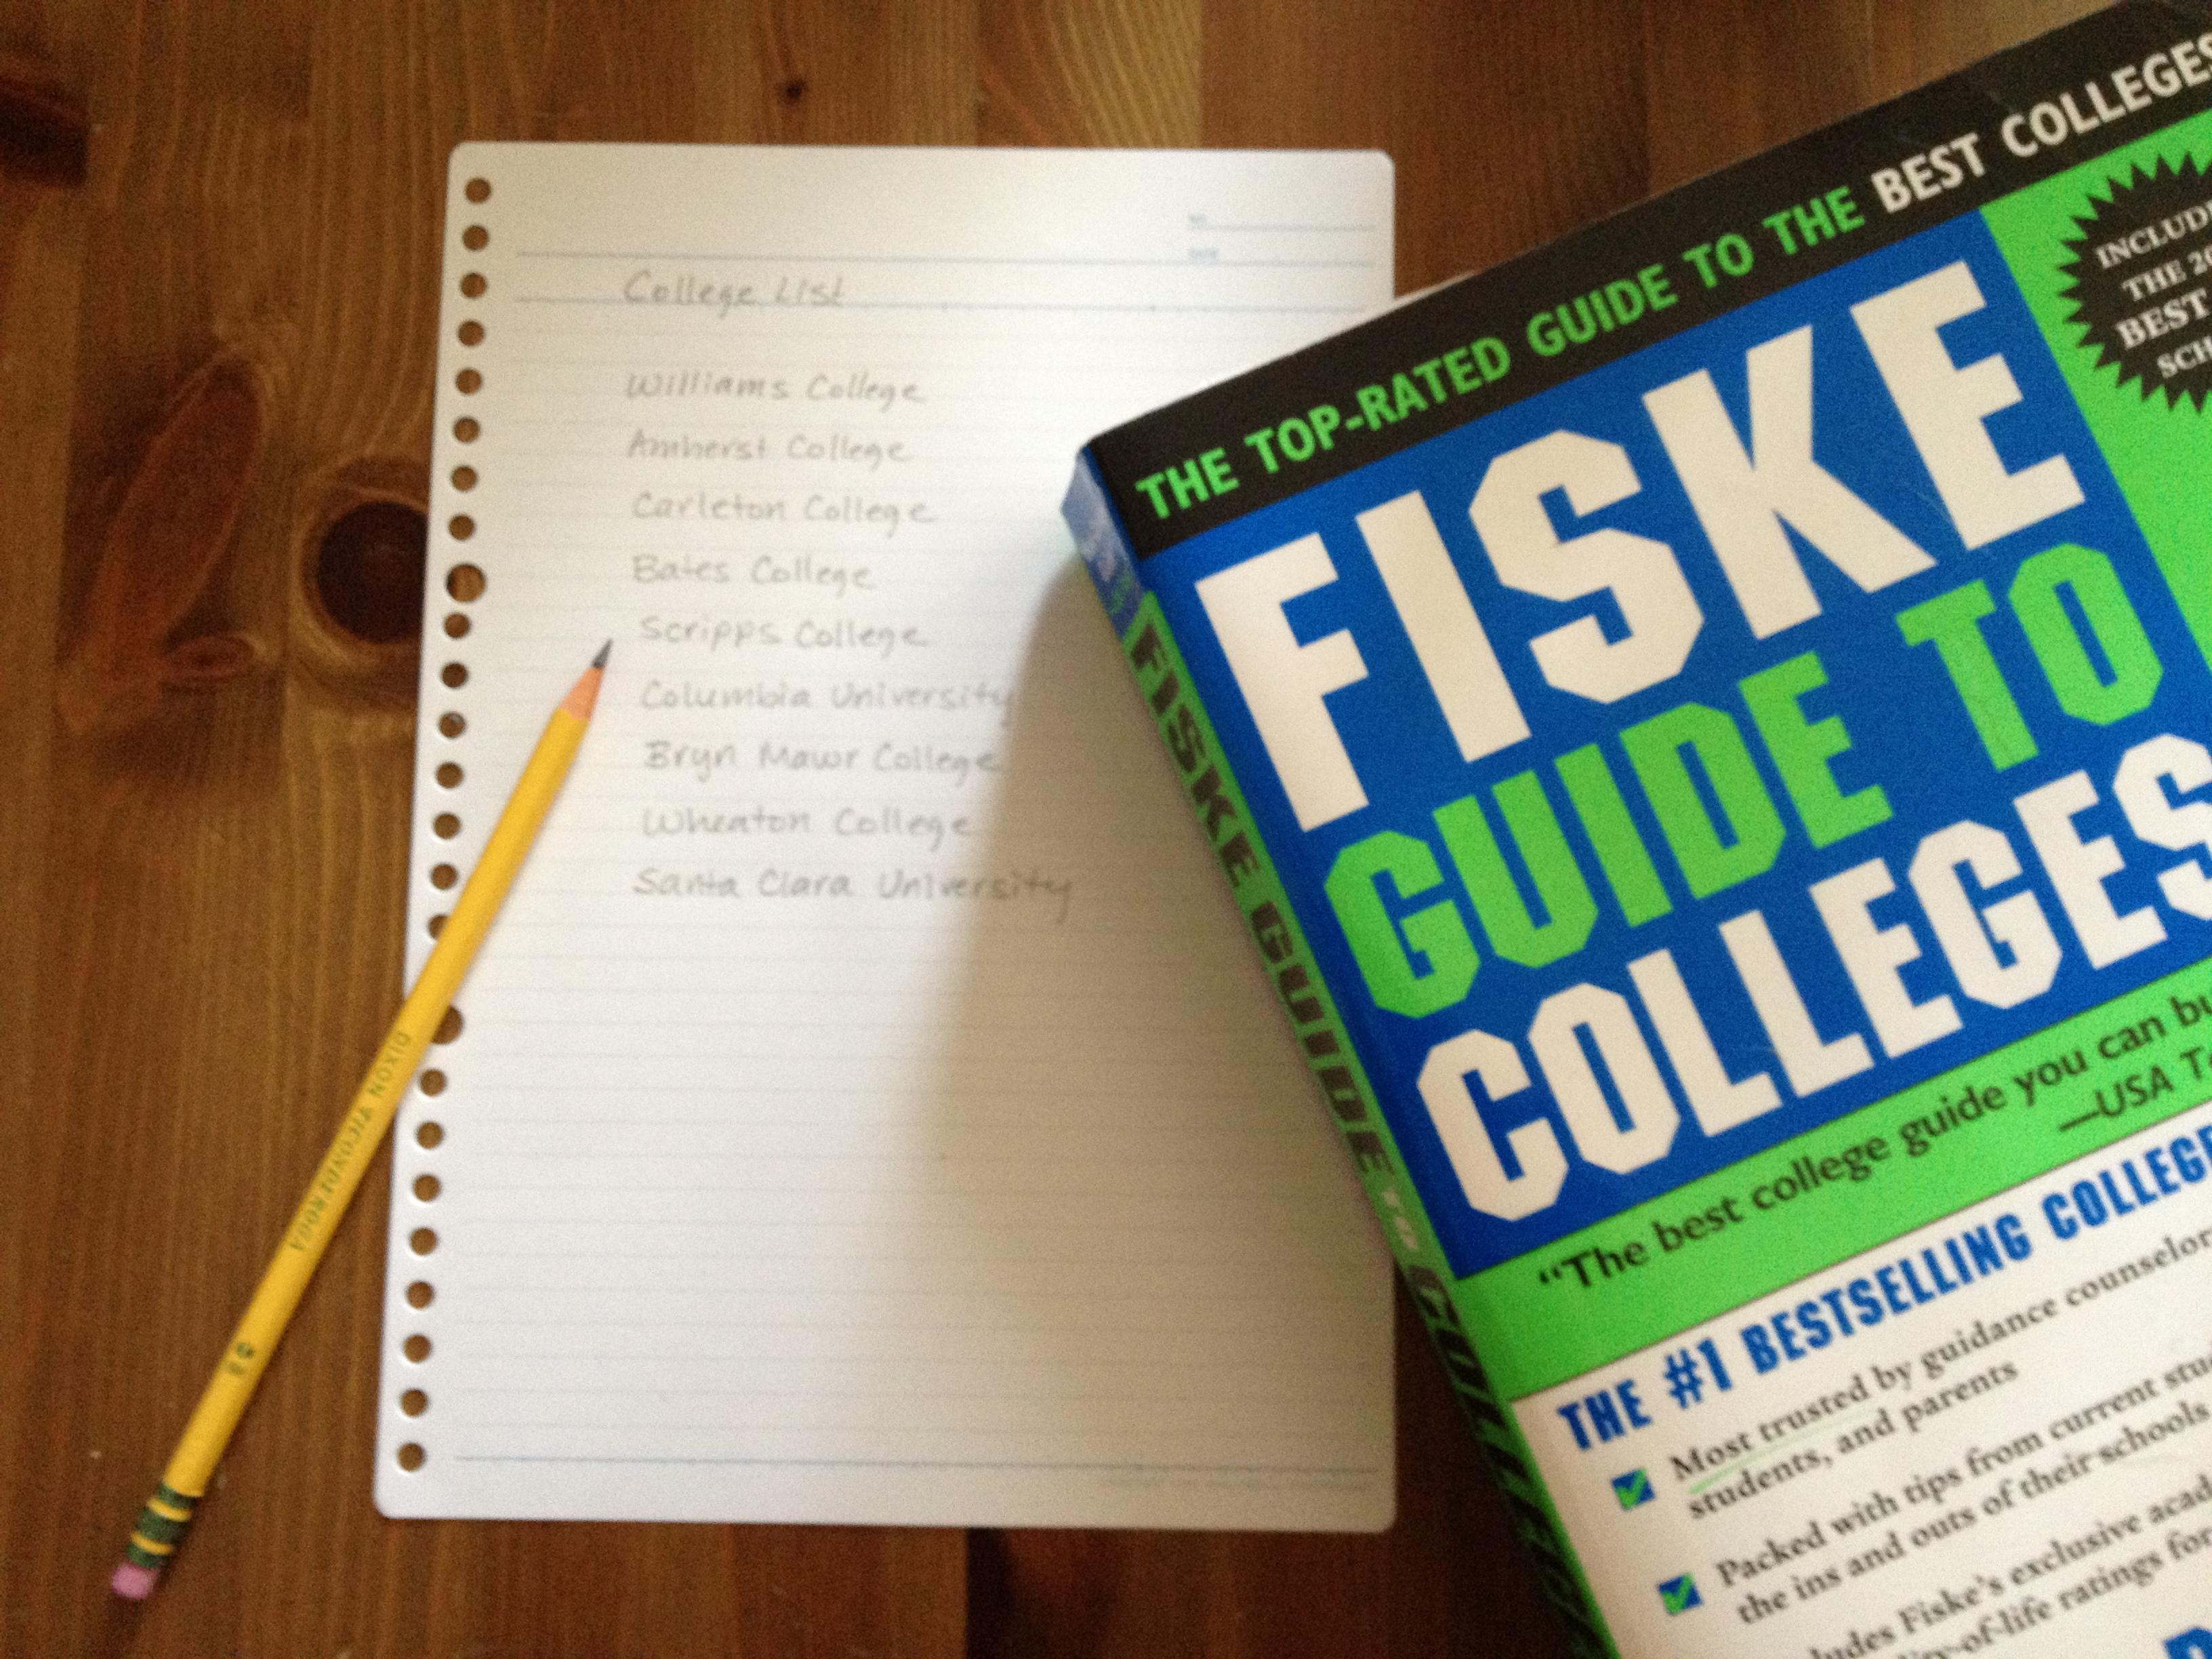 Make a Collegeको लागि तस्बिर परिणाम